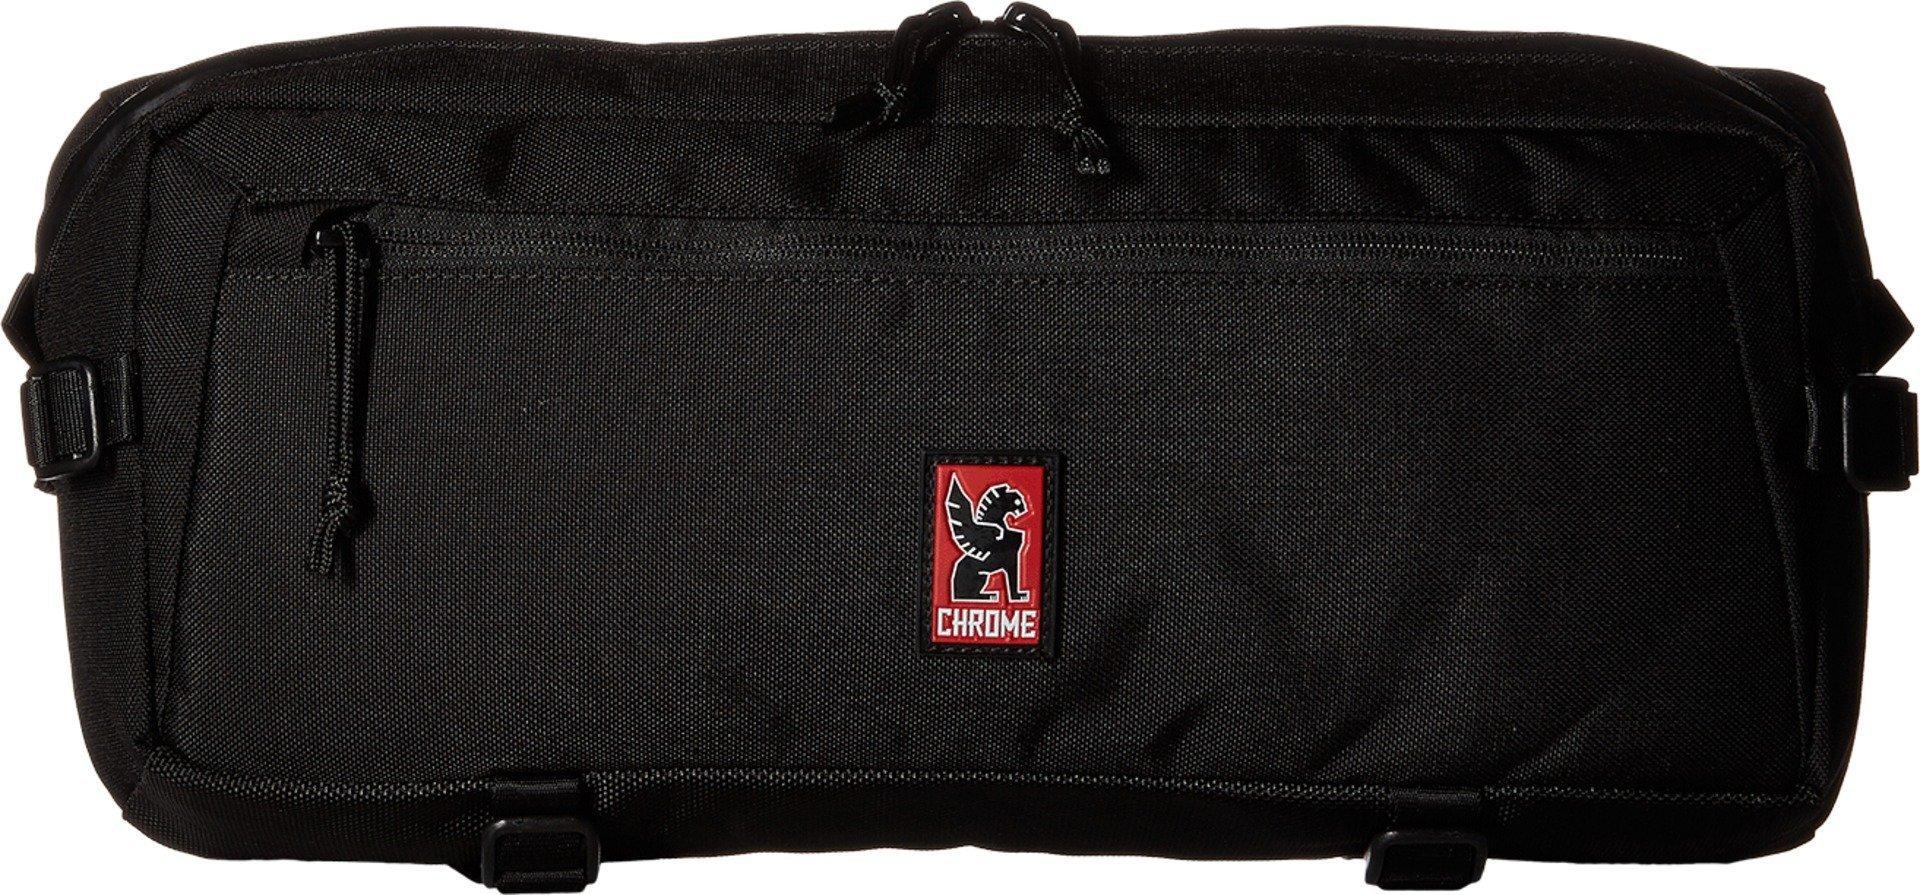 Chrome BG-196-BK Black One Size Kadet Sling Messenger Bag